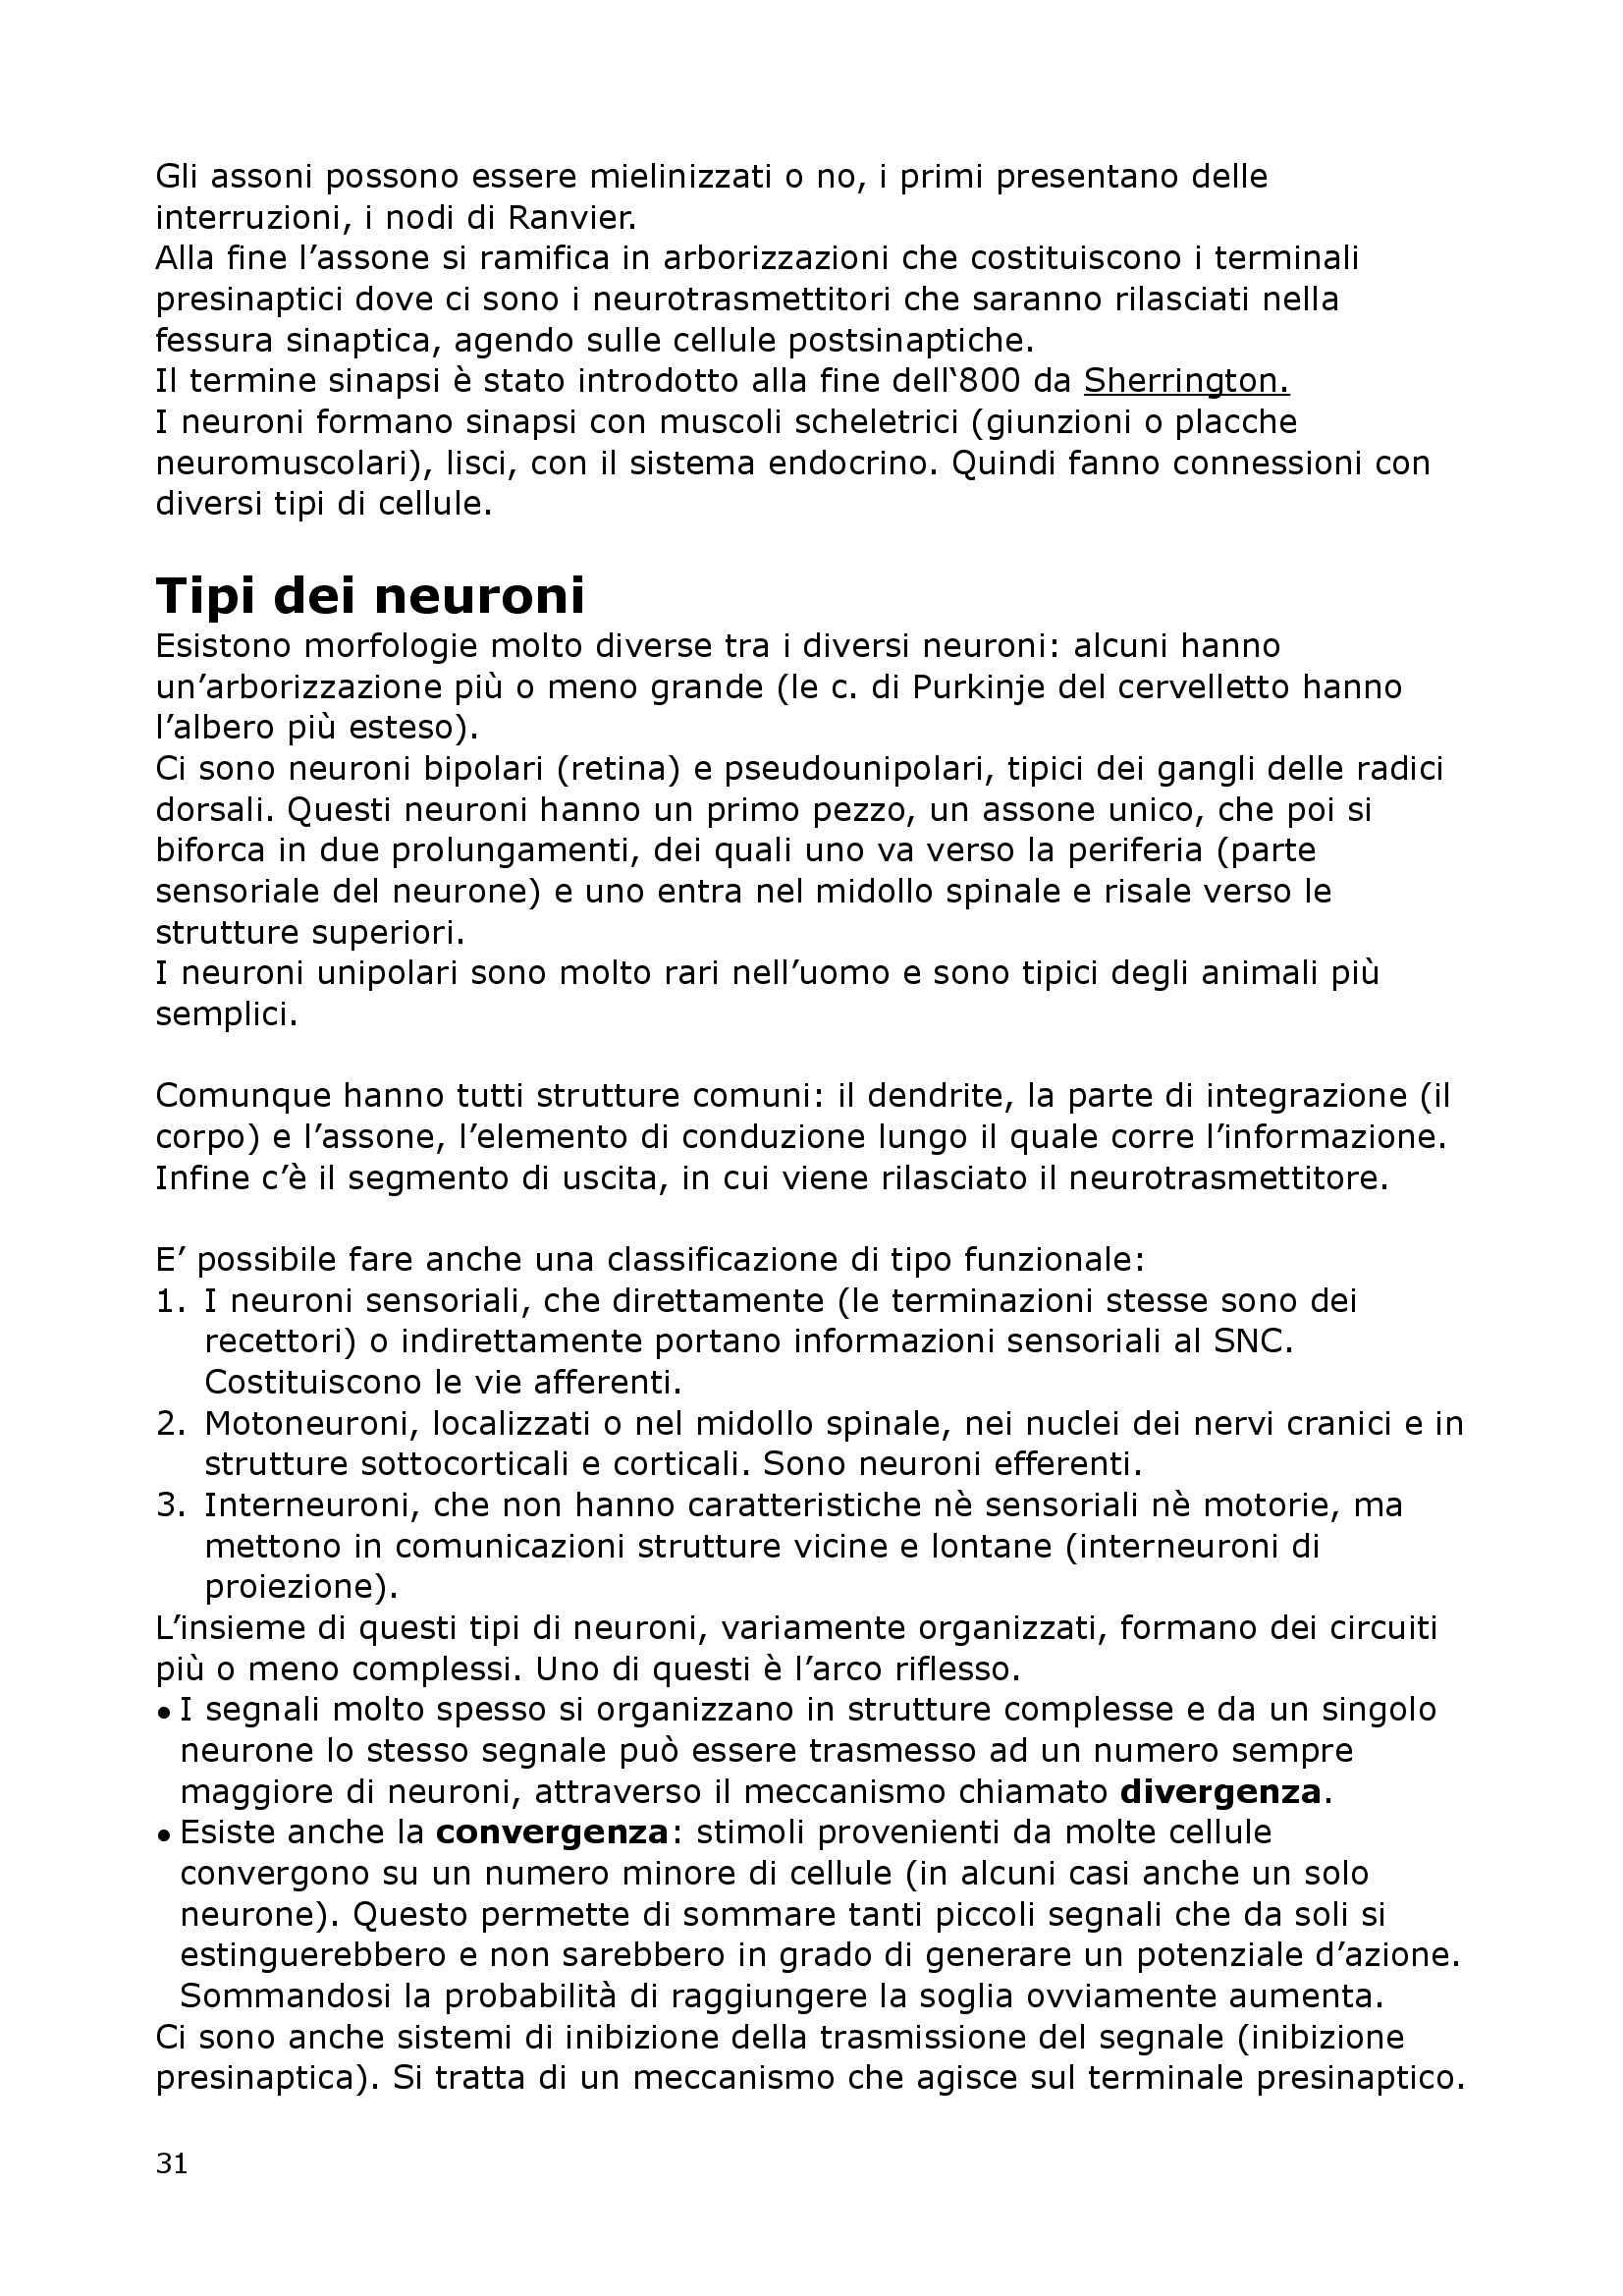 Fisiologia Del Neurone E Della Sinapsi - Fisiologia I Pag. 31